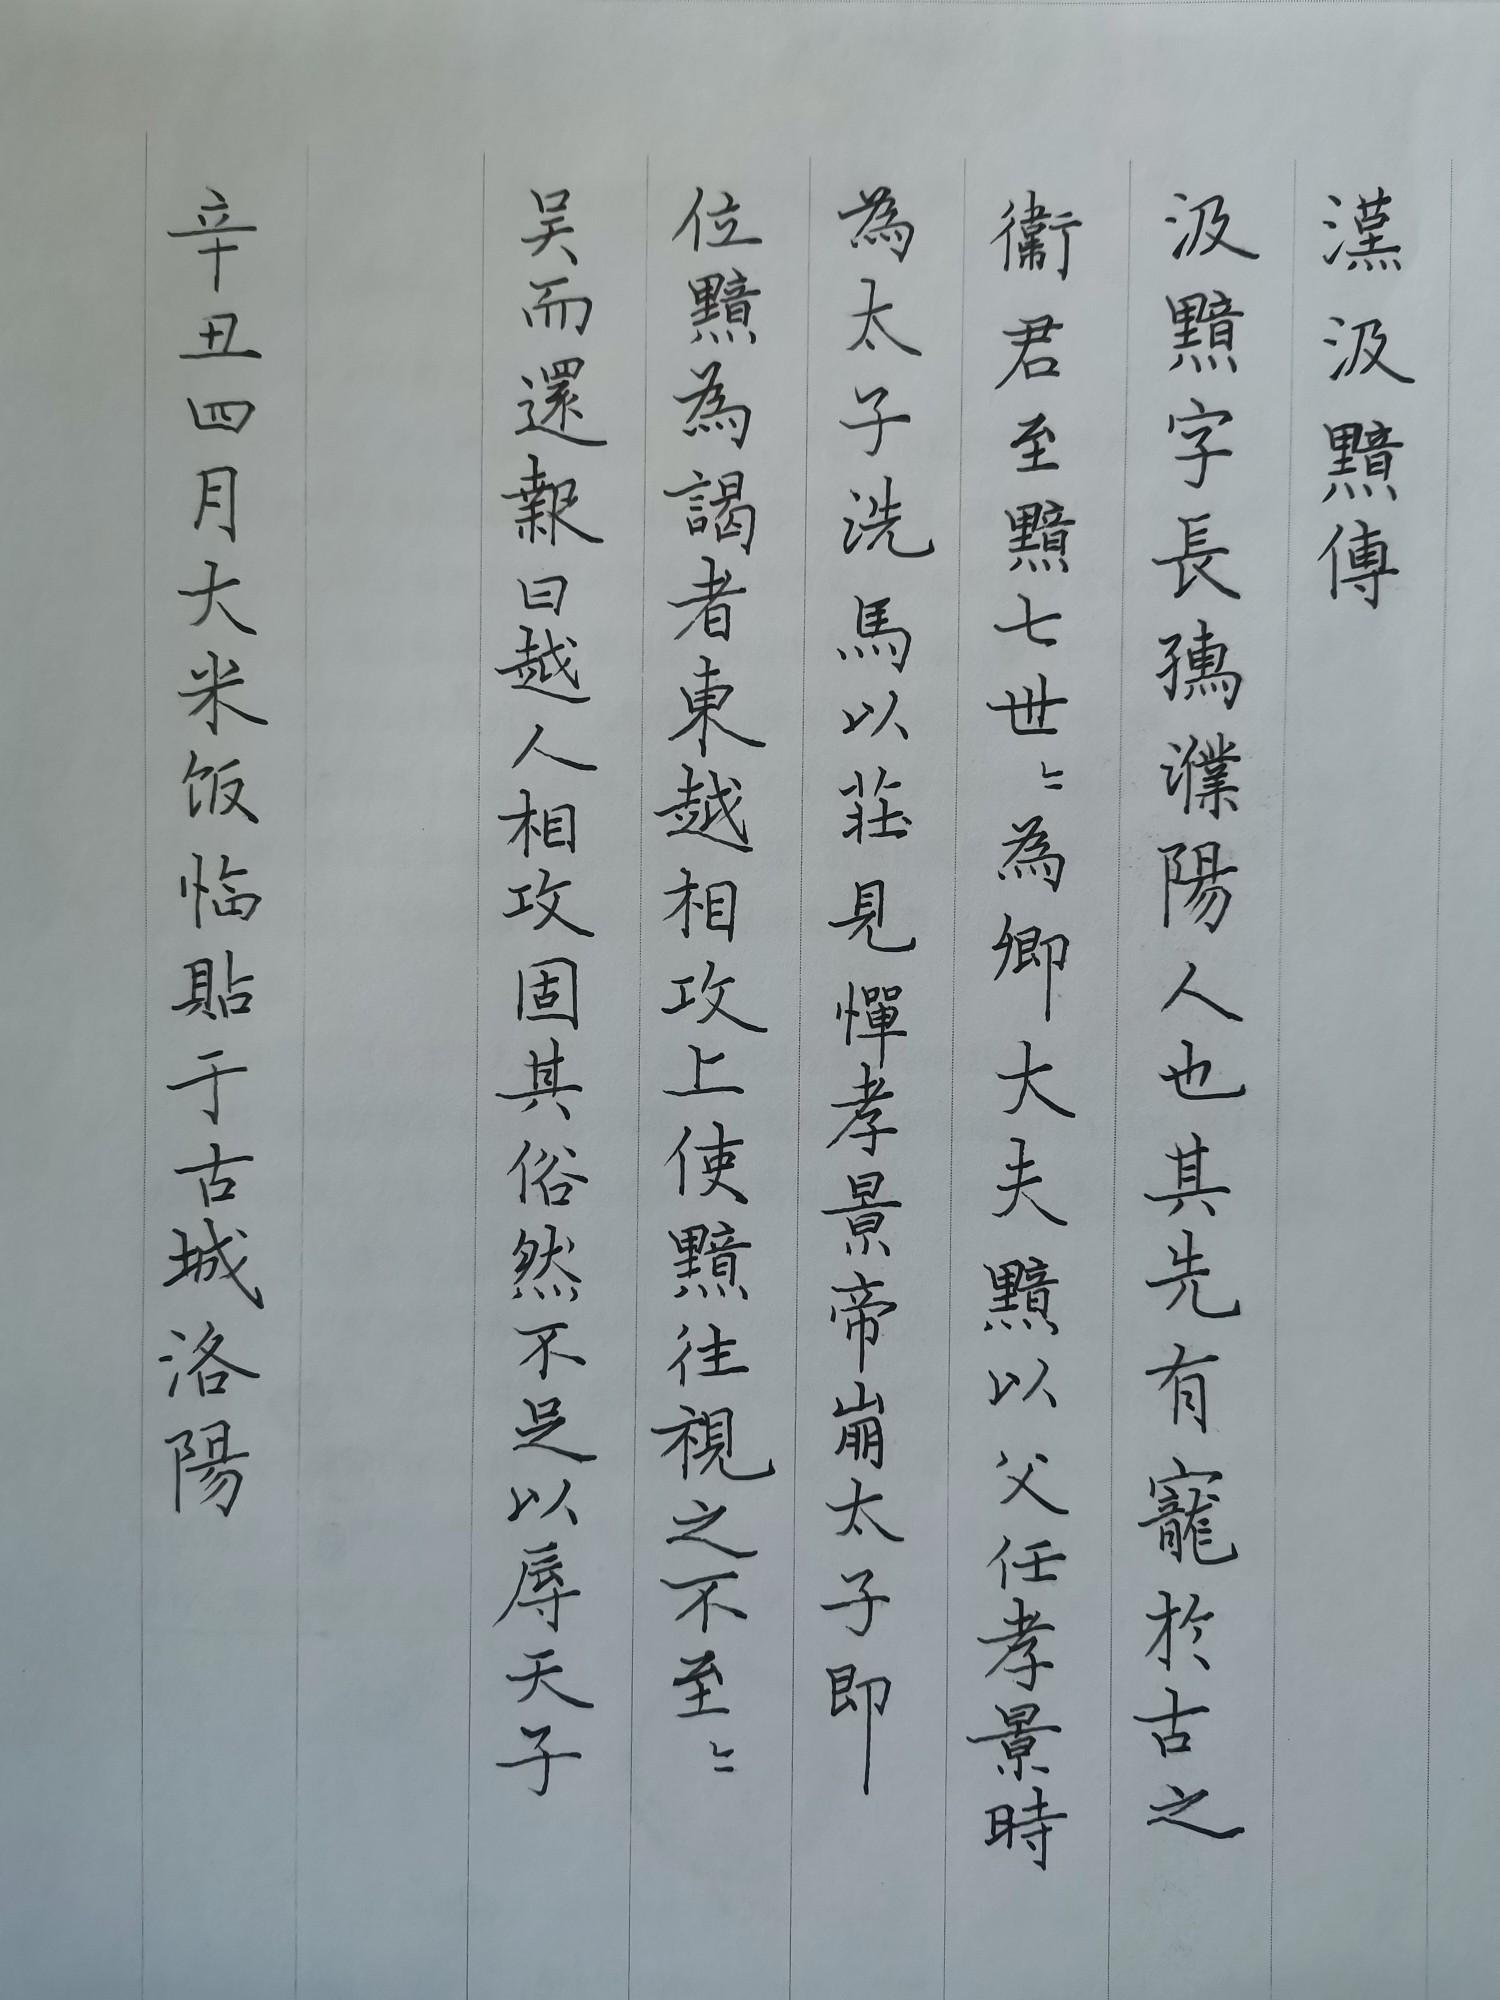 钢笔书法练字打卡20210615-07